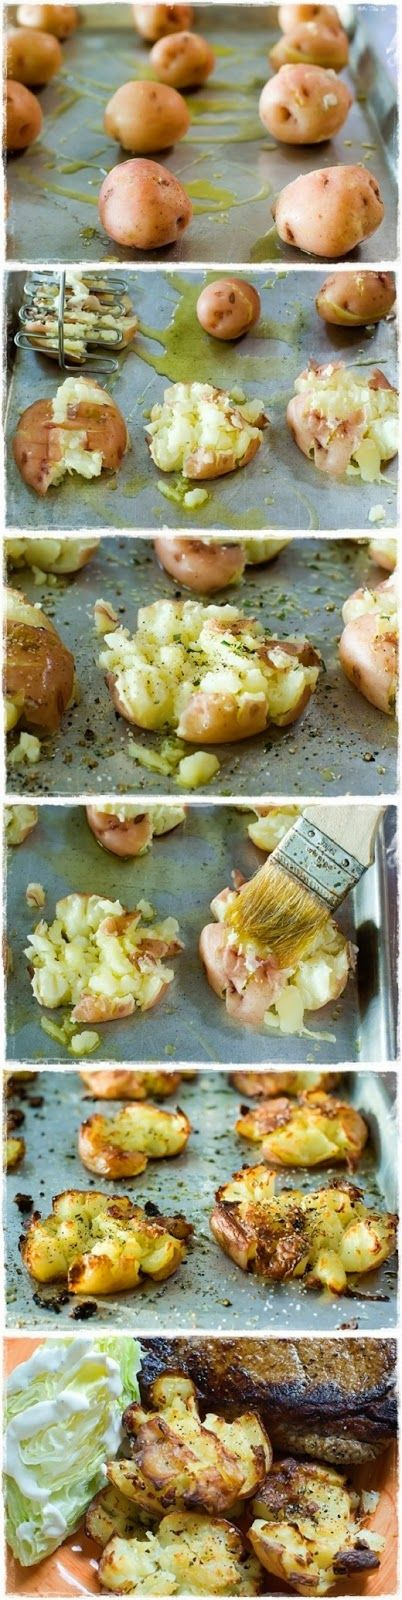 Crash Hot Potatoes | Recipe | Crash hot potatoes, Restaurant and Salts